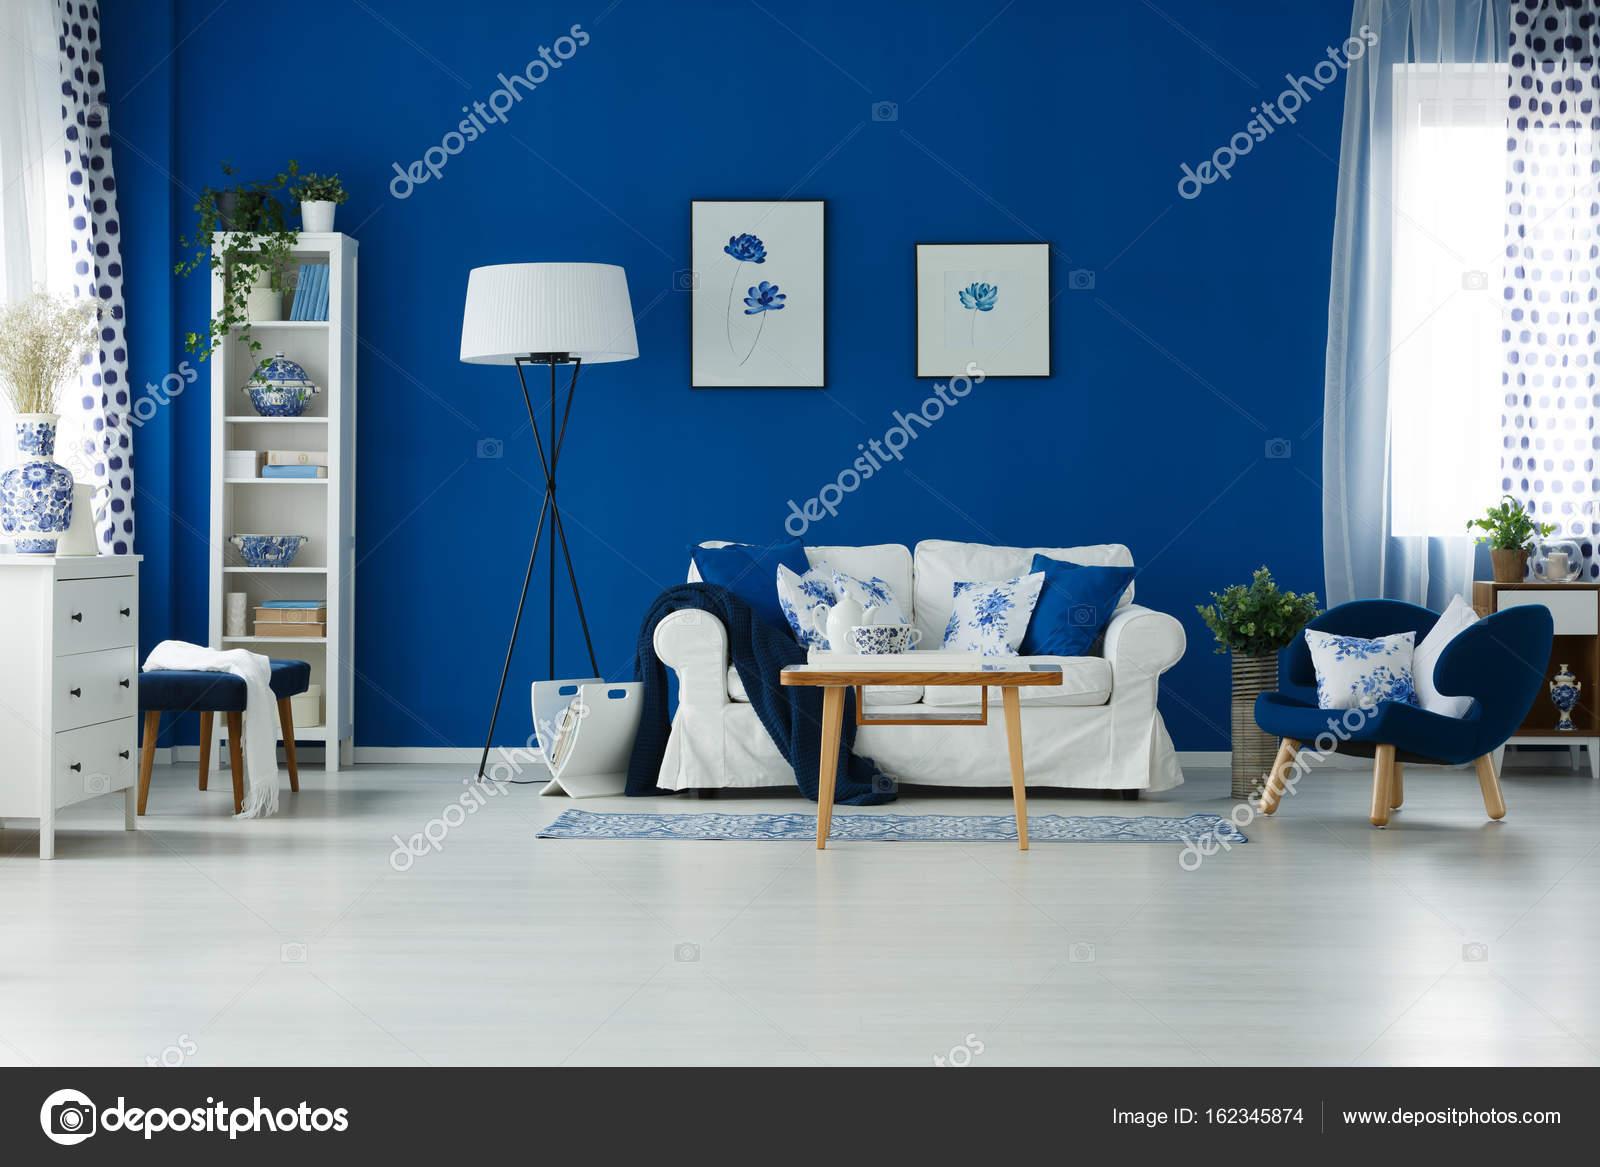 Blauwe muur verfraaide kamer lege blauwe kamer vloer